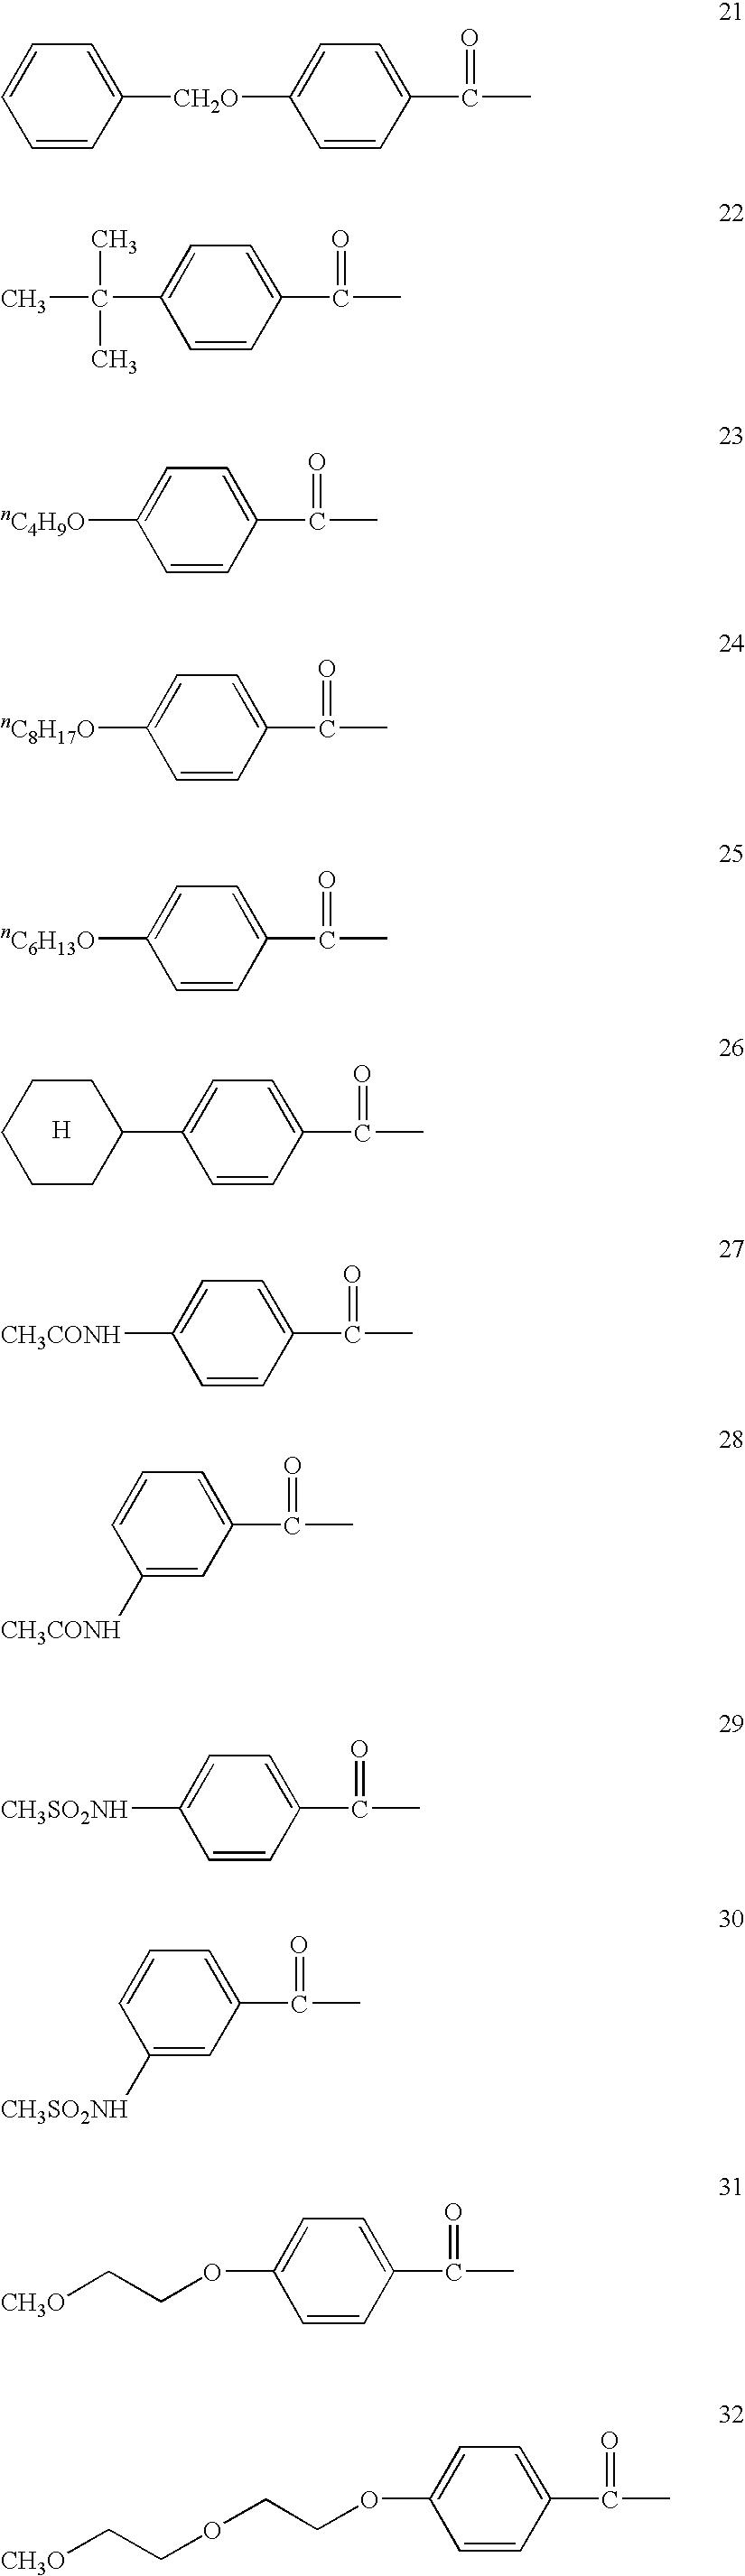 Figure US20100090364A1-20100415-C00004